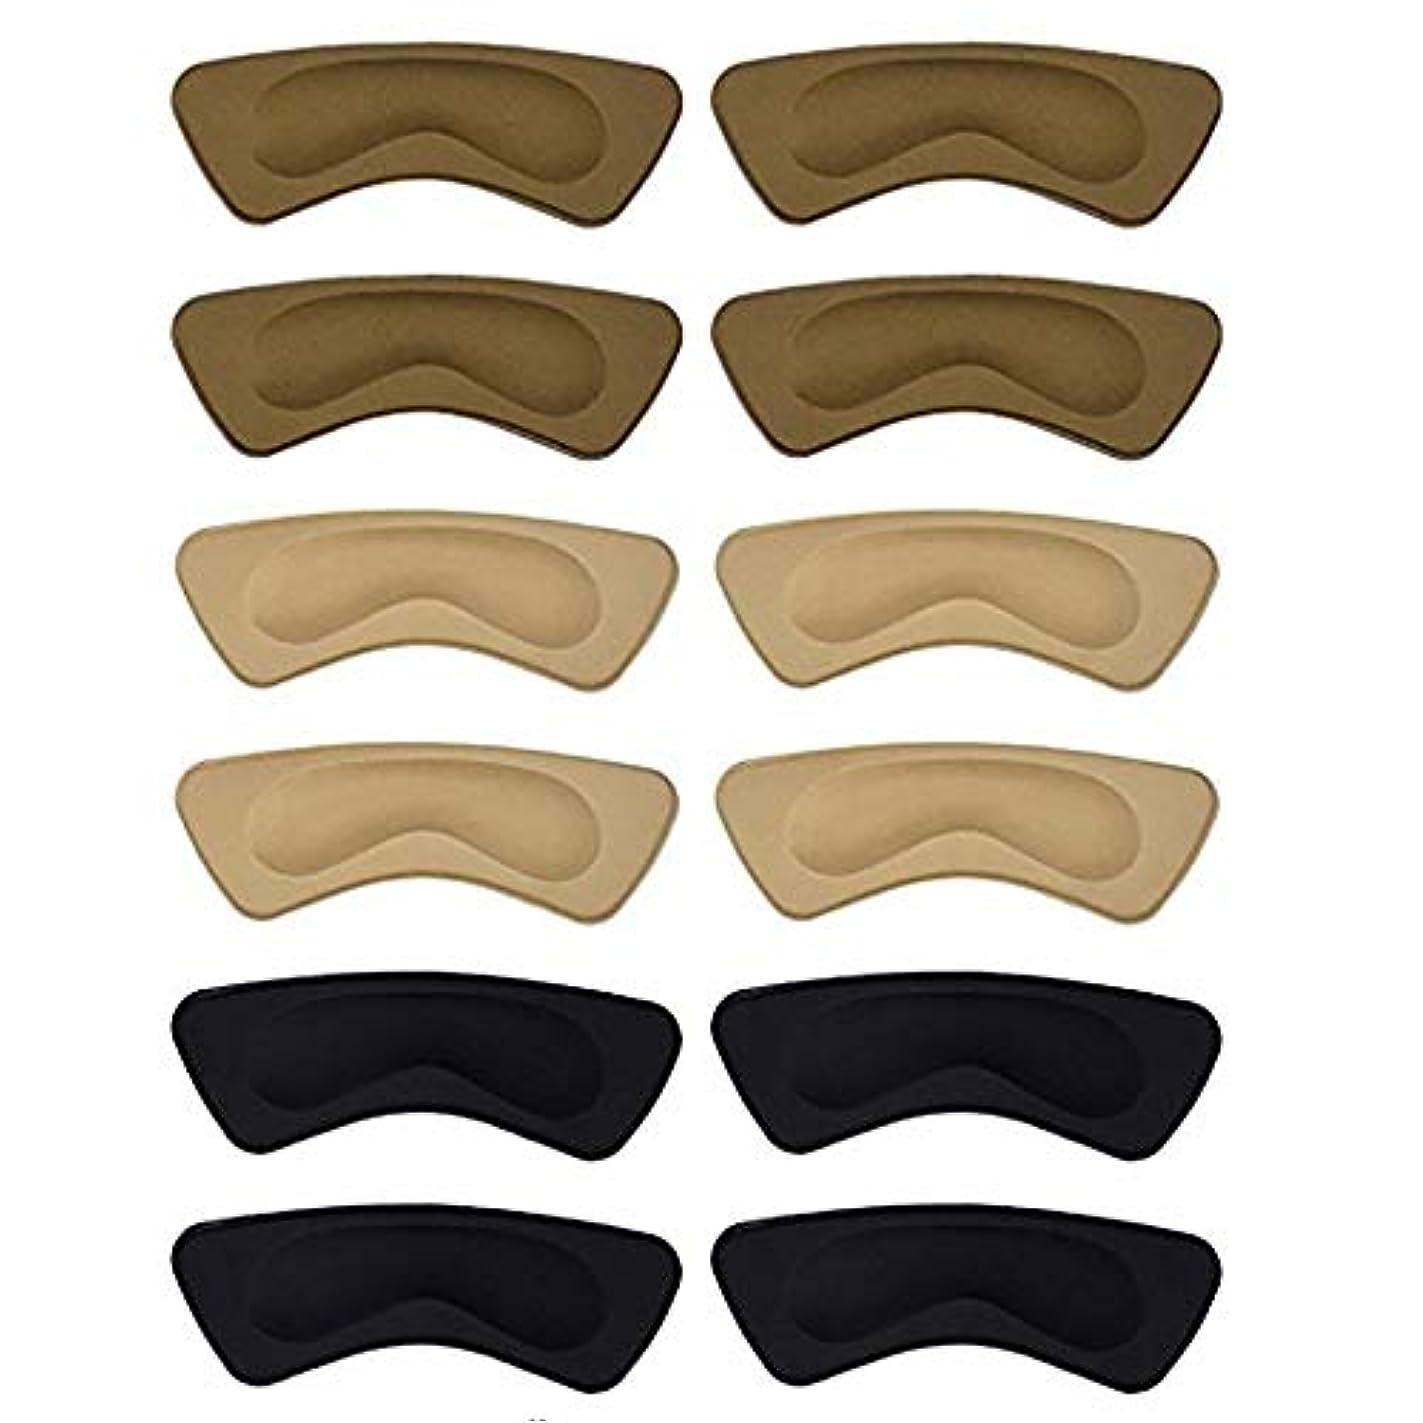 絡まる誘う測るヒールパッド ヒール かかと 靴擦れ サイズ調整 靴ずれ かかと 脱げ 防止 くつずれ防止パッド